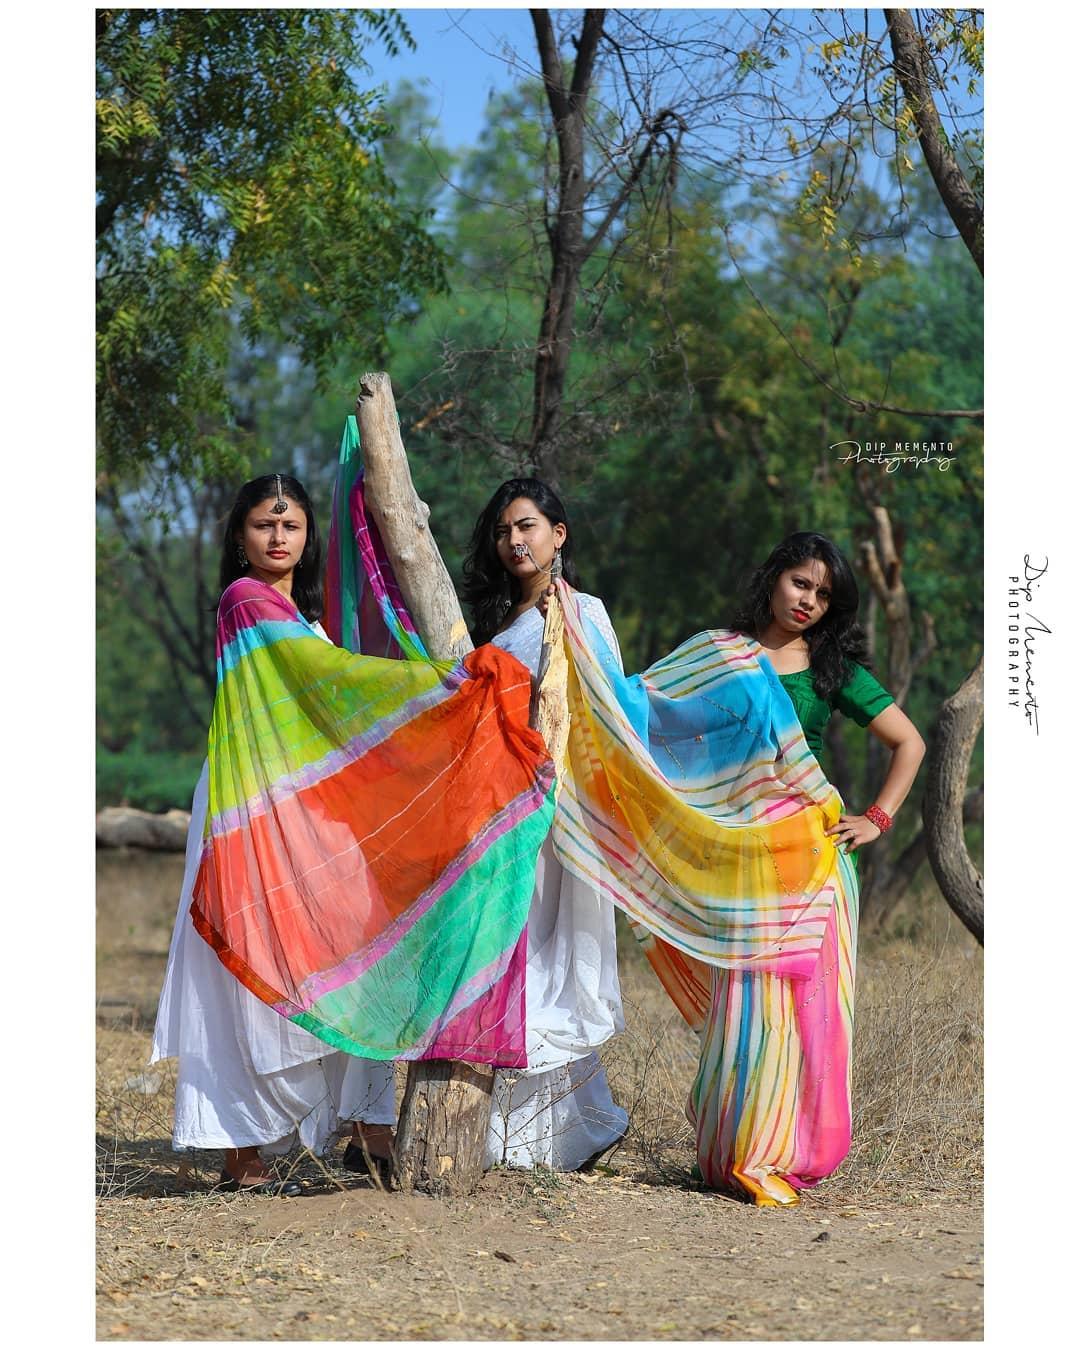 Infinite shades of White! . . . #holiconcept #concept #holishoot 🔶🔹🔷🔸🔶🔹🔷🔸🔶🔹🔷🔸🔶🔹🔷🔸🔶 InFrame :  @mansigandhi6490 @komalpatel_16 @_priyanka_makwana_  Shoot by : #dip_memento_photography #memento_photography @dip_memento_photography &  #holi #holiwithgppro #color #holishoot #colursfestival#IndianFestival #indianculturee #indianpictures#ahmedabad #gandhinagar #bloggers #bloggerstyle#bloggerslife #indianblogger #indiaig #indian #indiangirl#fashionbloggers #fashionblog #ethnic #styleupindia#fashion #photography #model #fashionmodel #holifestival